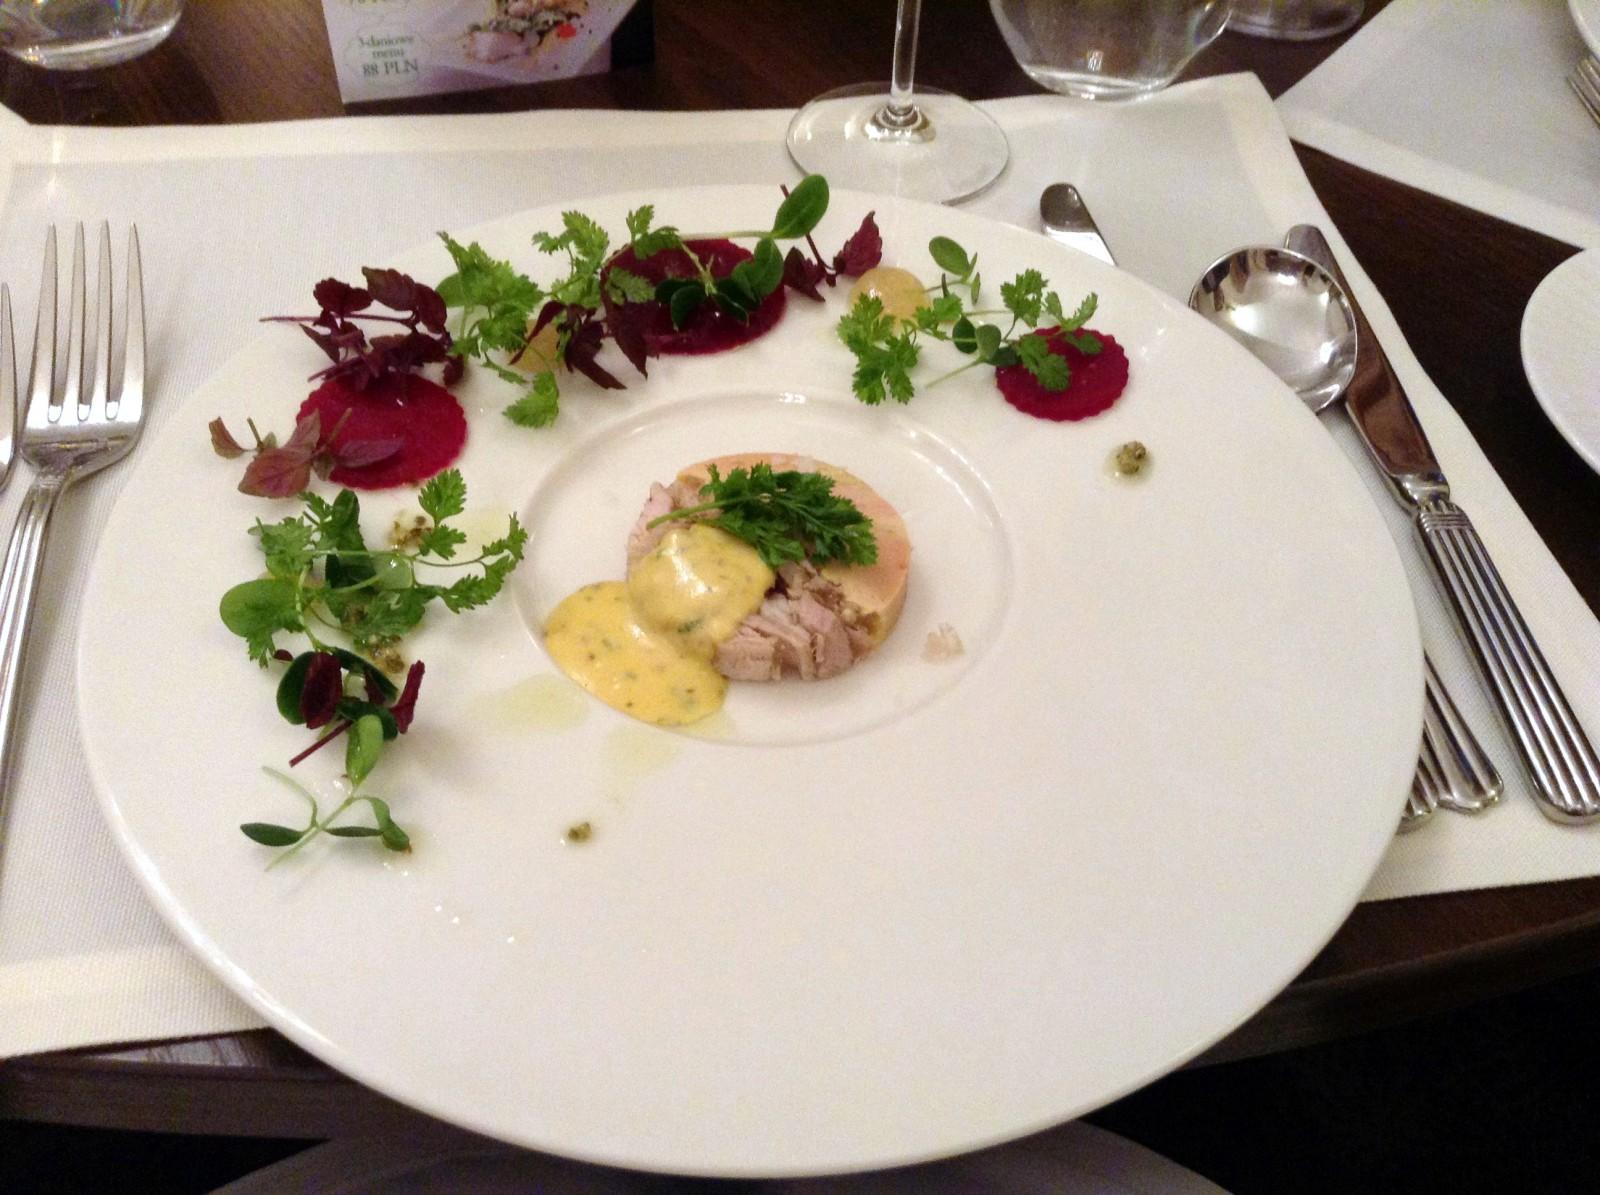 Nowy koncept 'Prosto z targu' w restauracji La Rotisserie